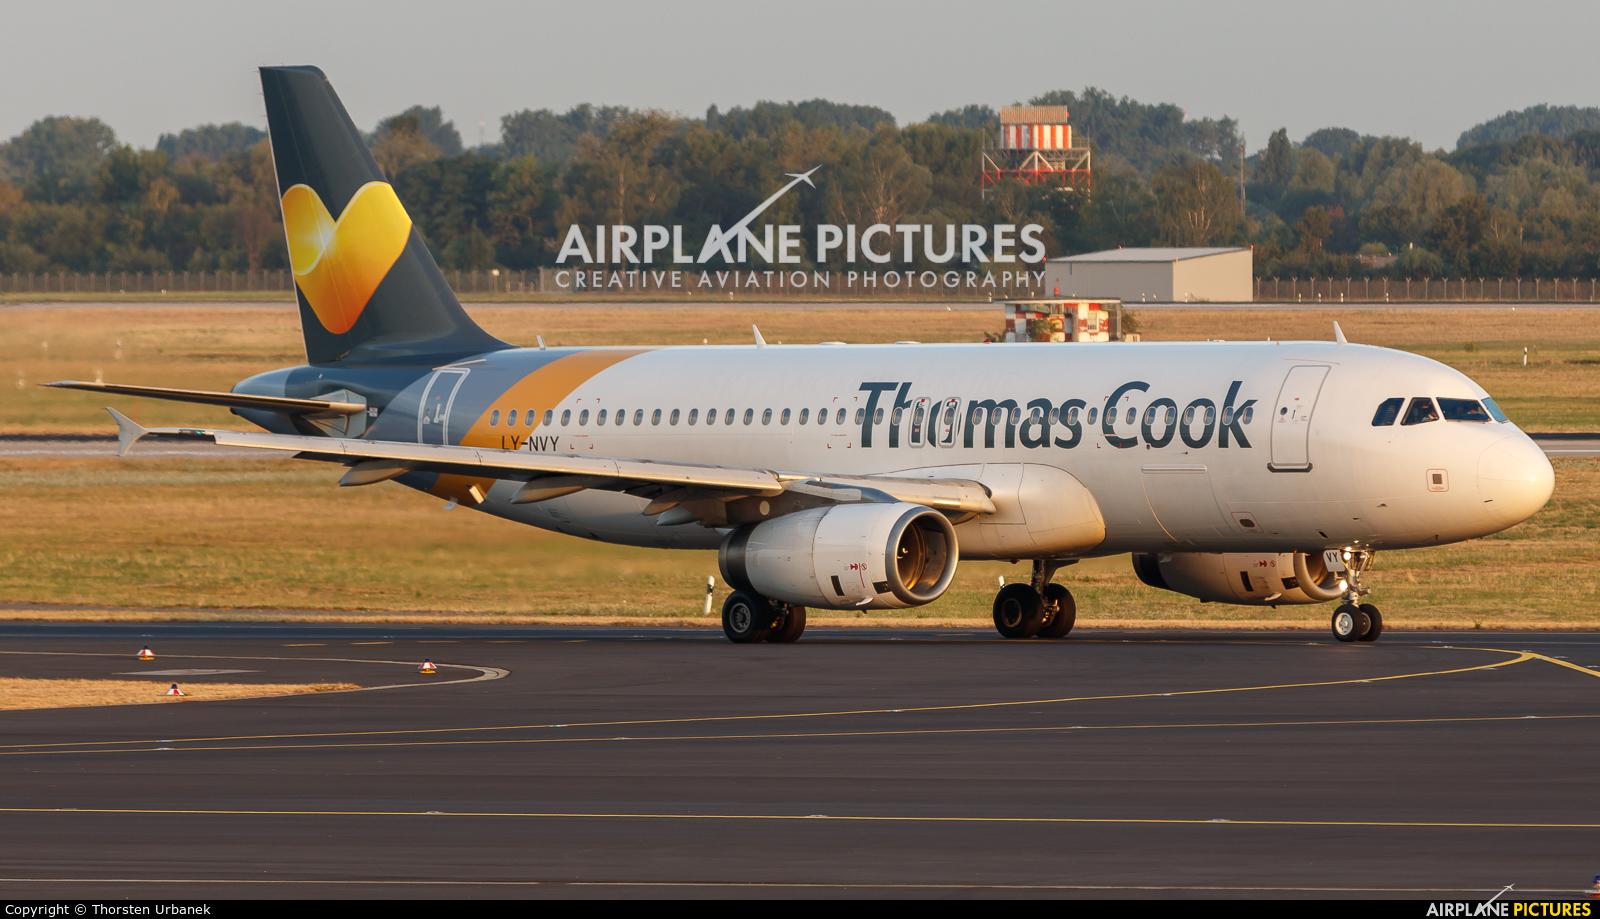 Thomas Cook LY-NVY aircraft at Düsseldorf